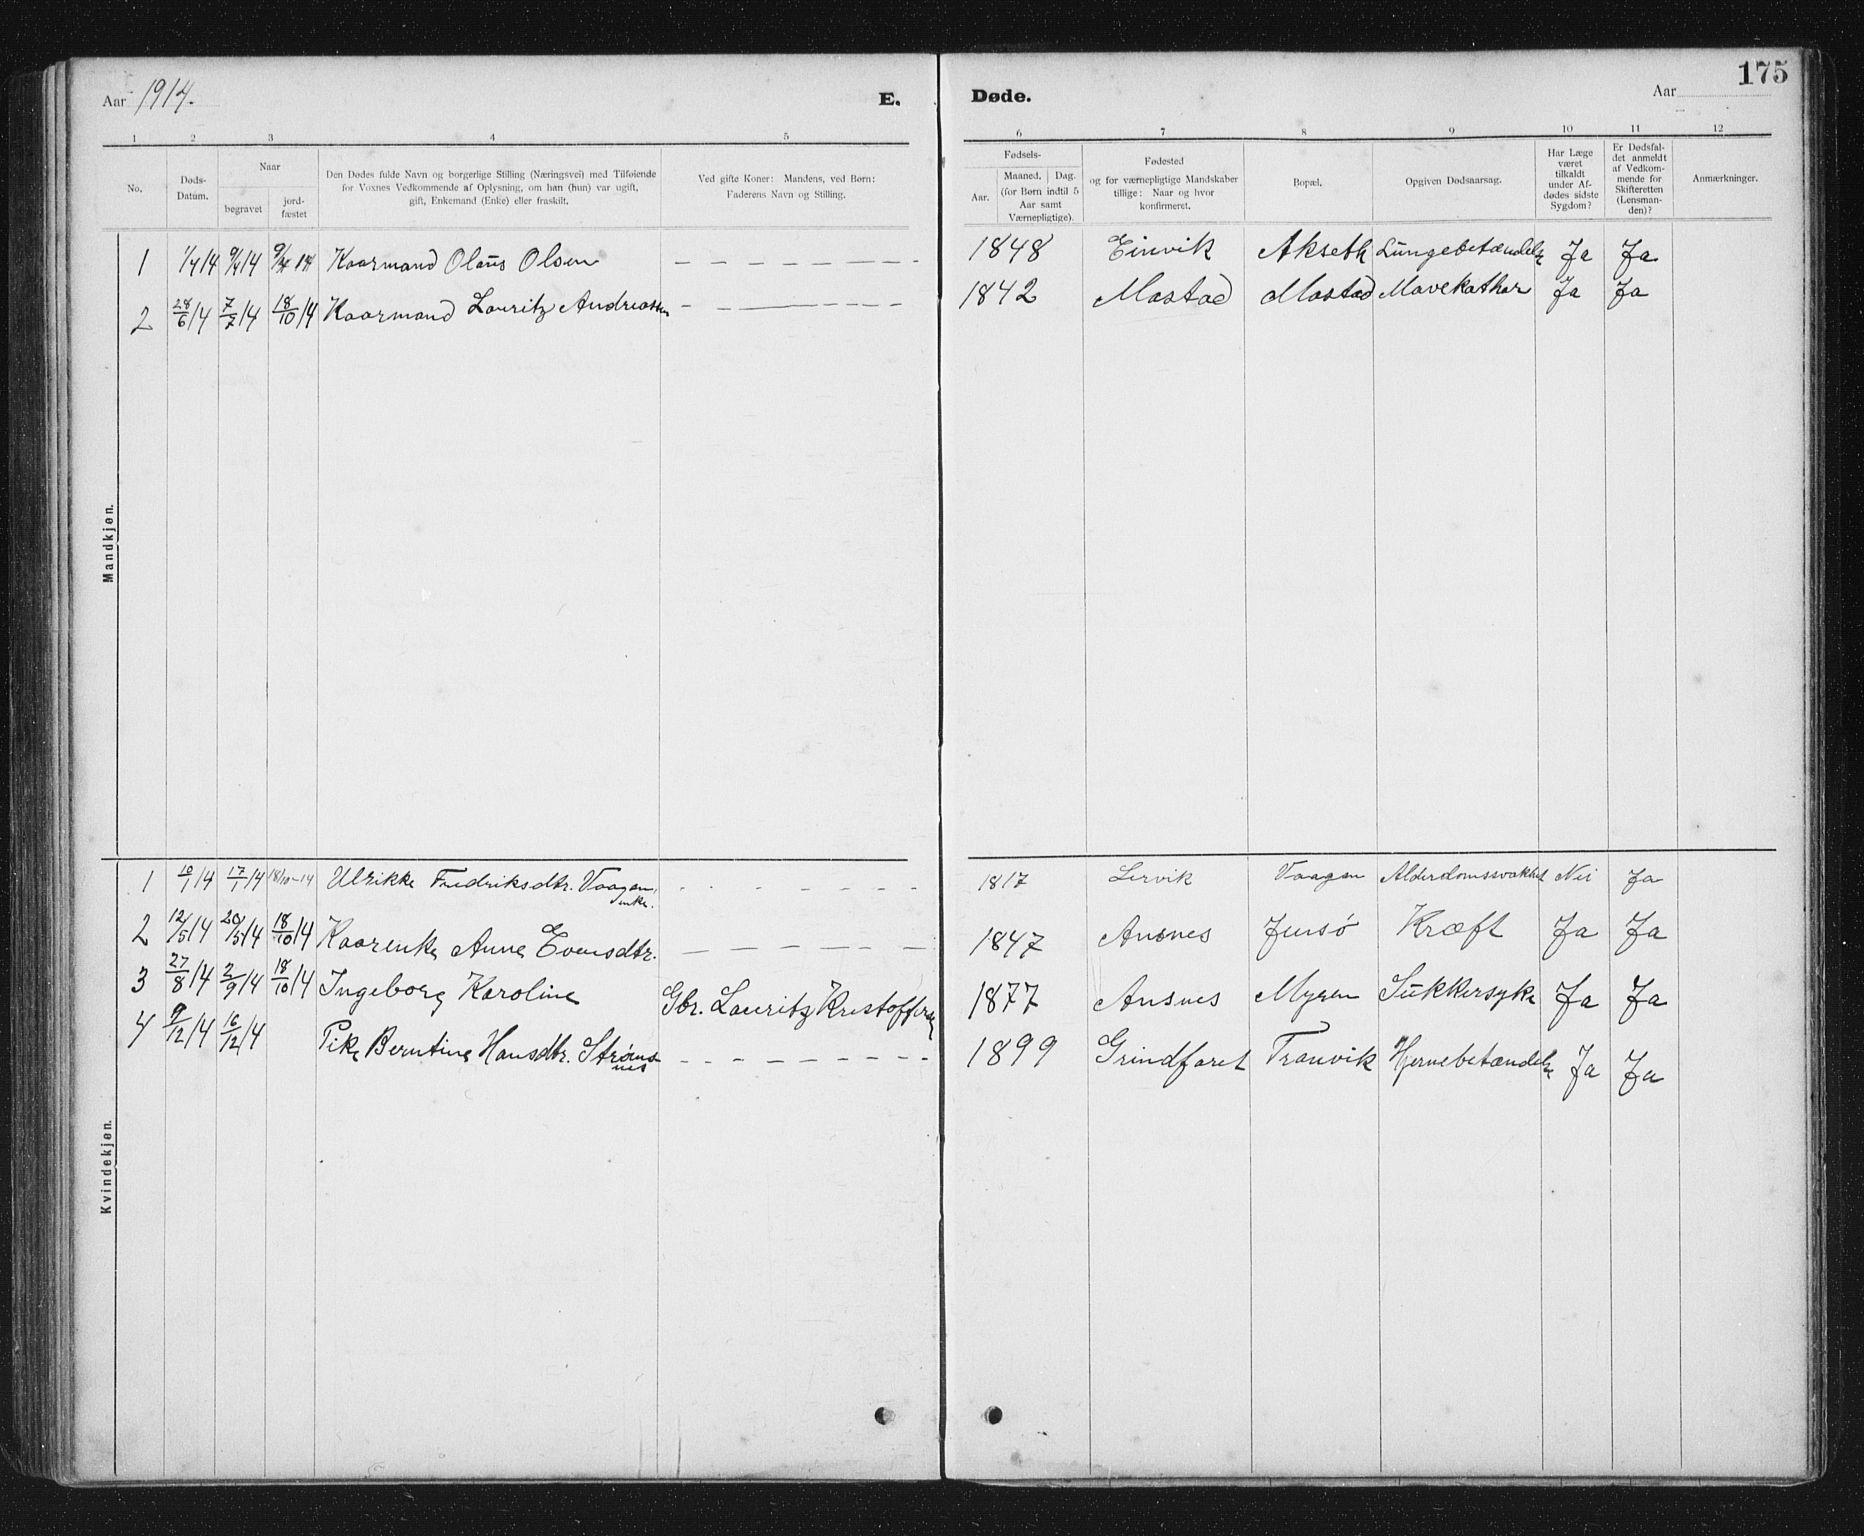 SAT, Ministerialprotokoller, klokkerbøker og fødselsregistre - Sør-Trøndelag, 637/L0563: Klokkerbok nr. 637C04, 1899-1940, s. 175